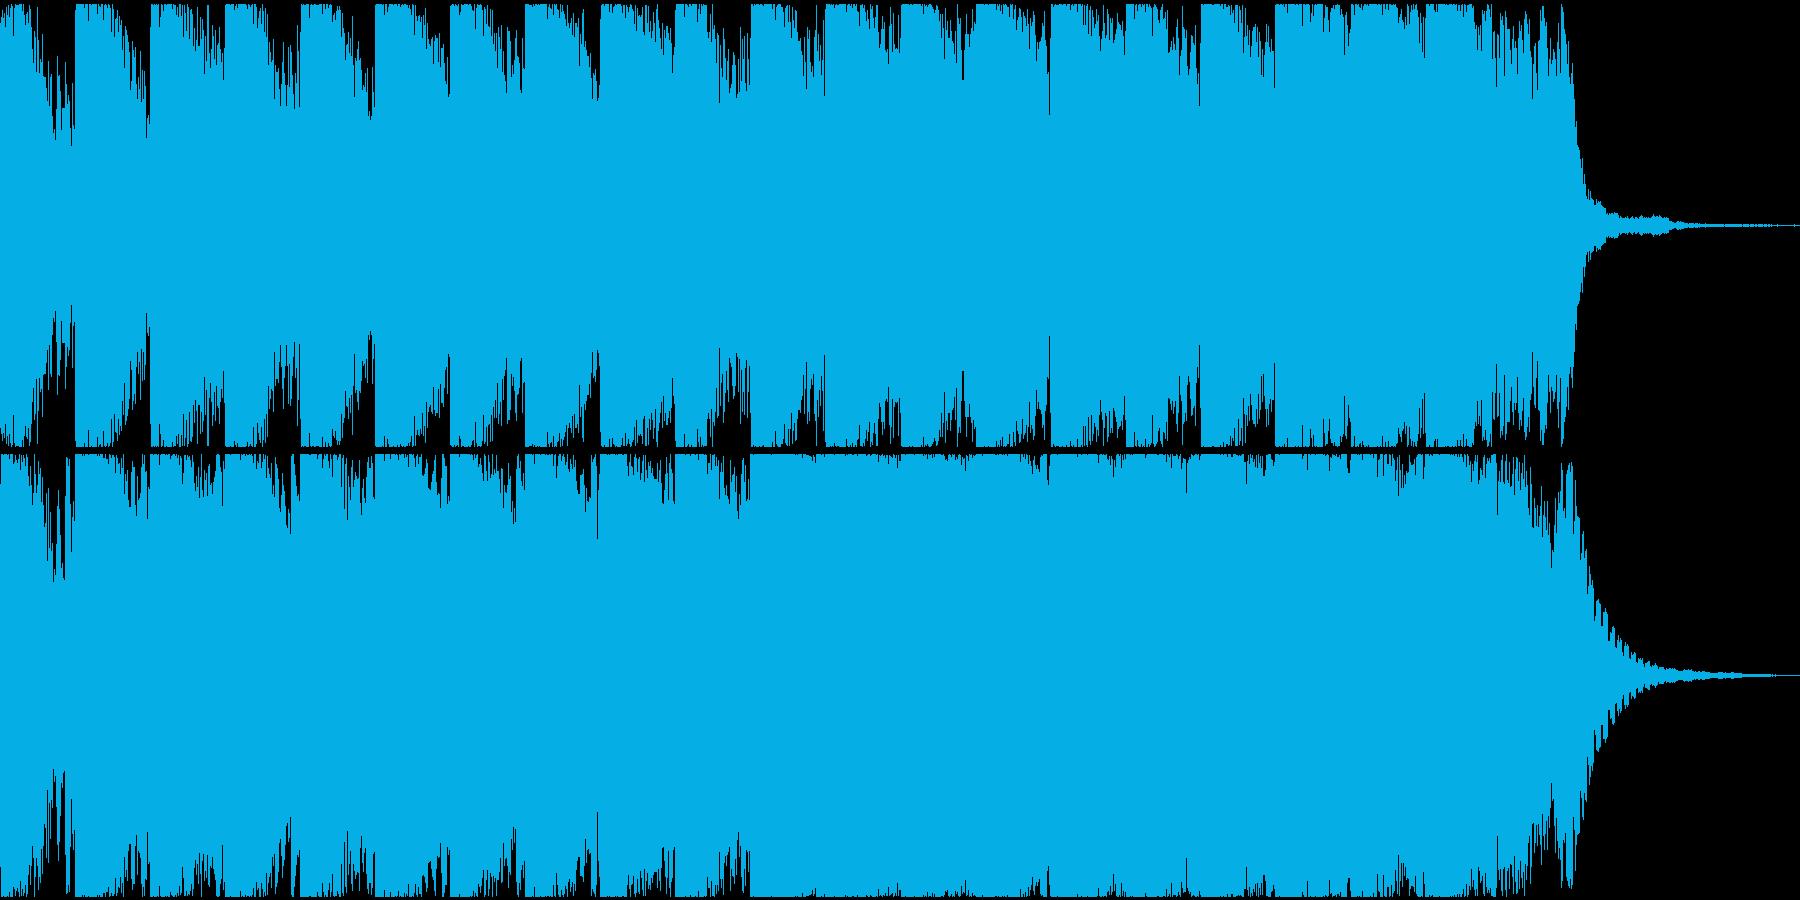 近未来/不気味/ダーク/無機質/ホラーの再生済みの波形